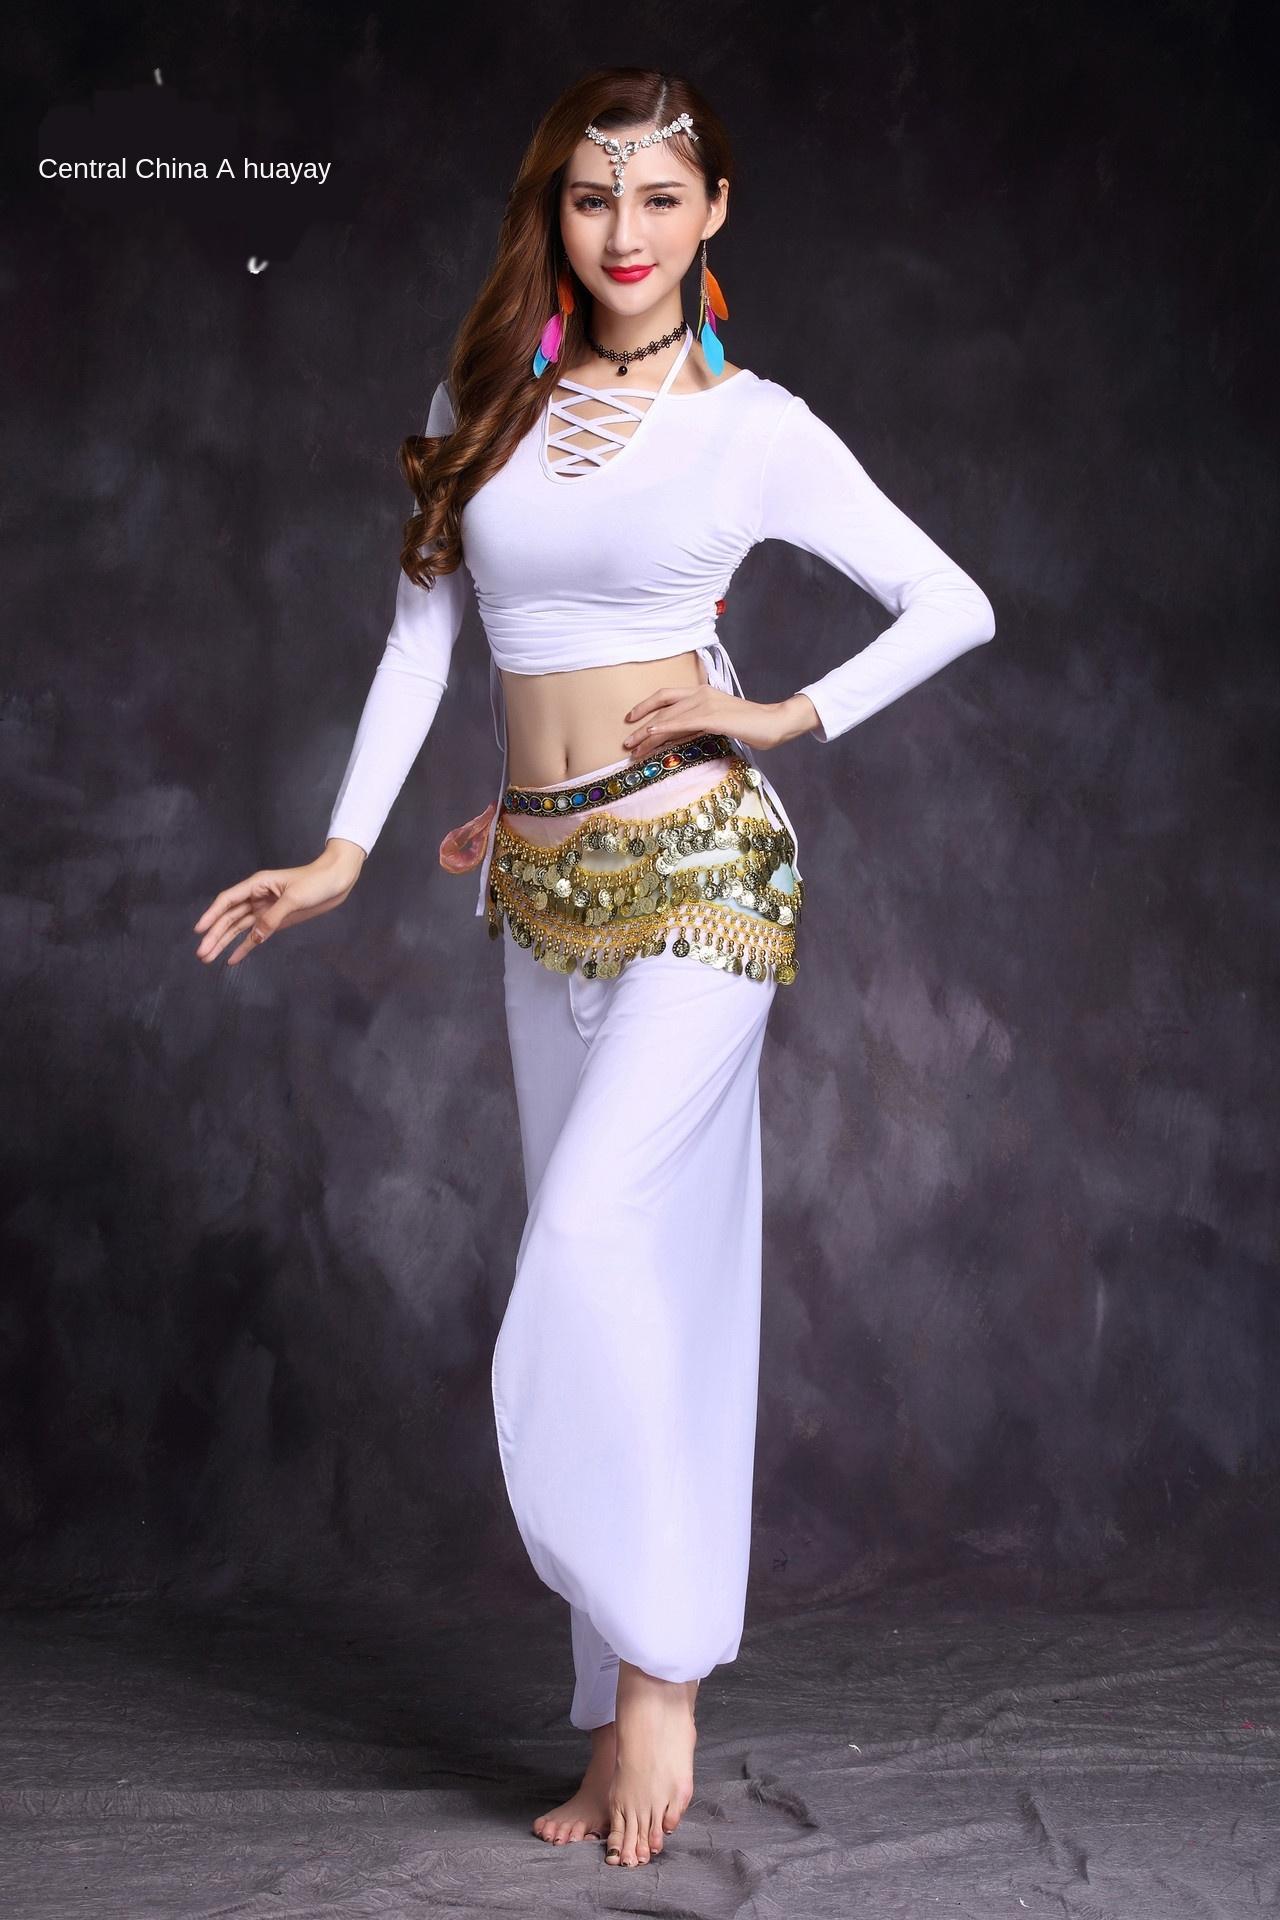 OEghF M3Wwc Huayu danza del ventre Danza nuovo yoga personalizzato pantaloni Lanterna praticano abbigliamento pantaloni abbigliamento lanterna pratica e il 2019 autunno tuta w